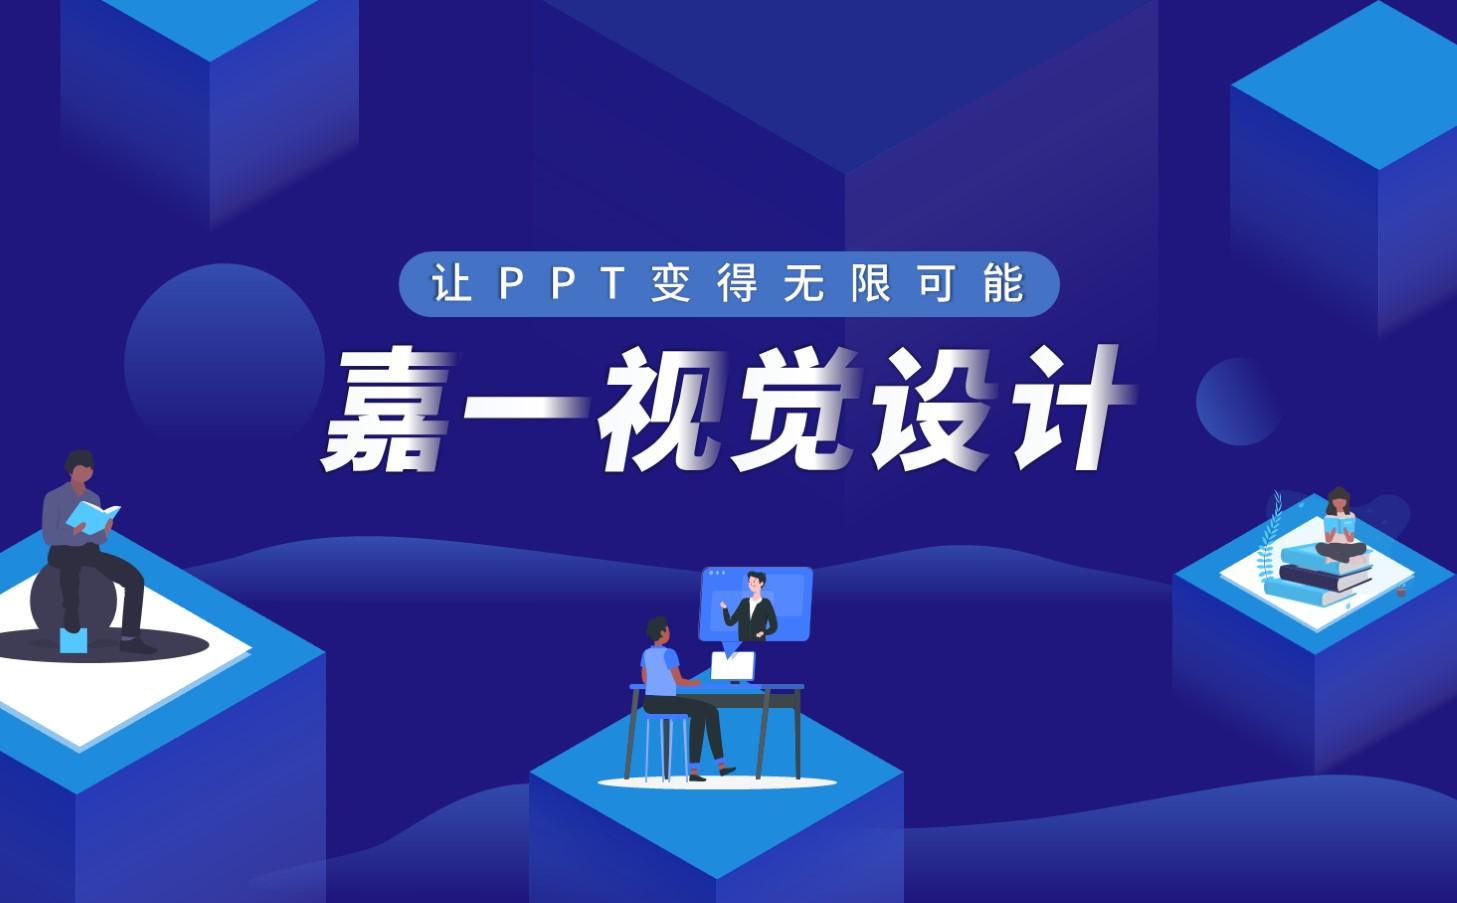 吉林通化市PPT代做-專業ppt設計10年經驗-歡迎咨詢